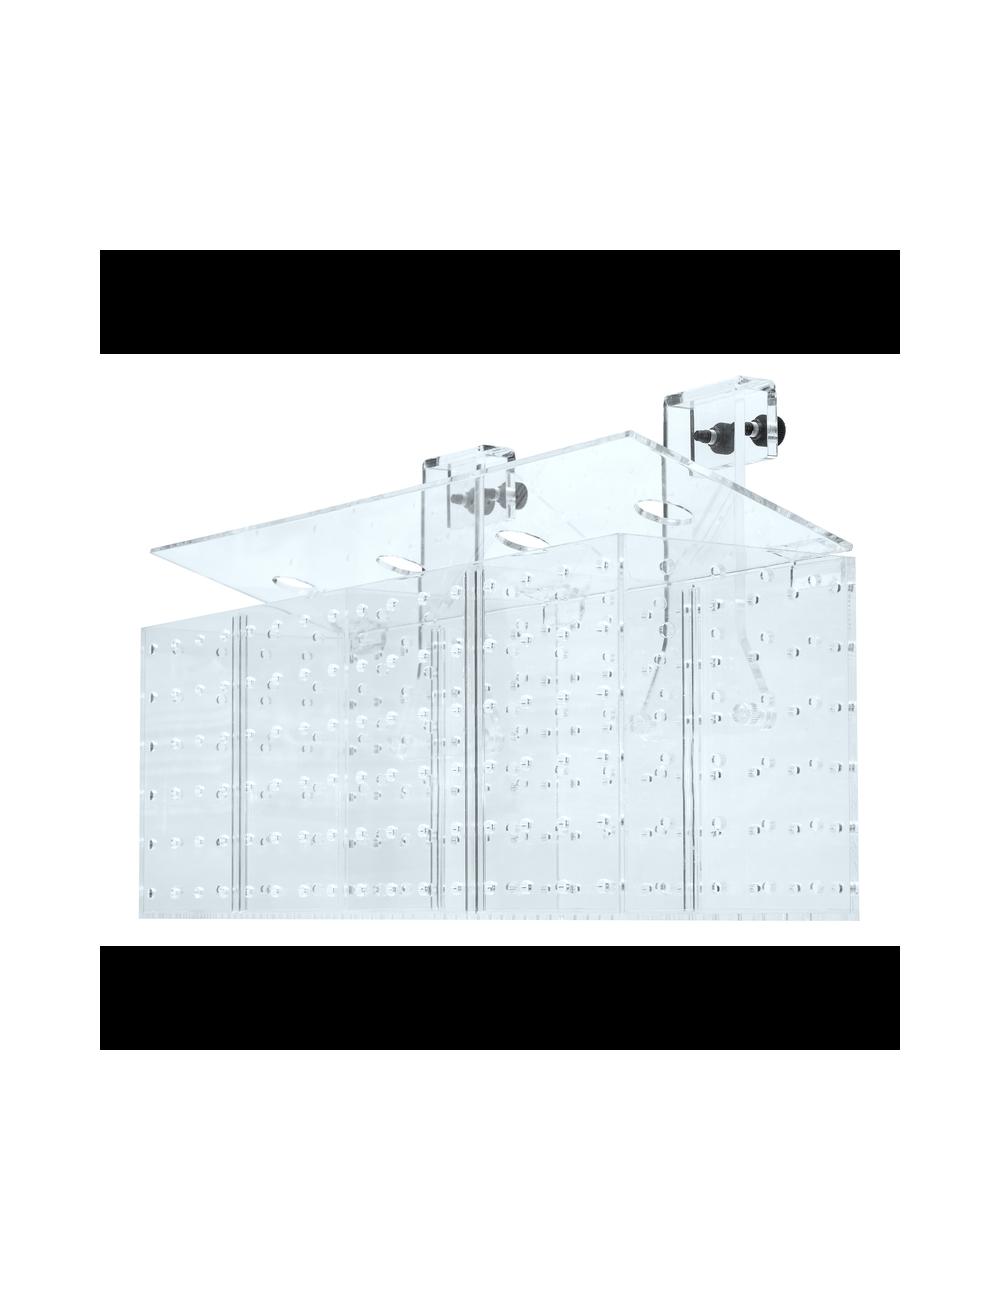 GROTECH - Akklimatisierungsbox - Boîte d'acclimatation - 5 chambres - Pour l'accrochage dans les aquariums